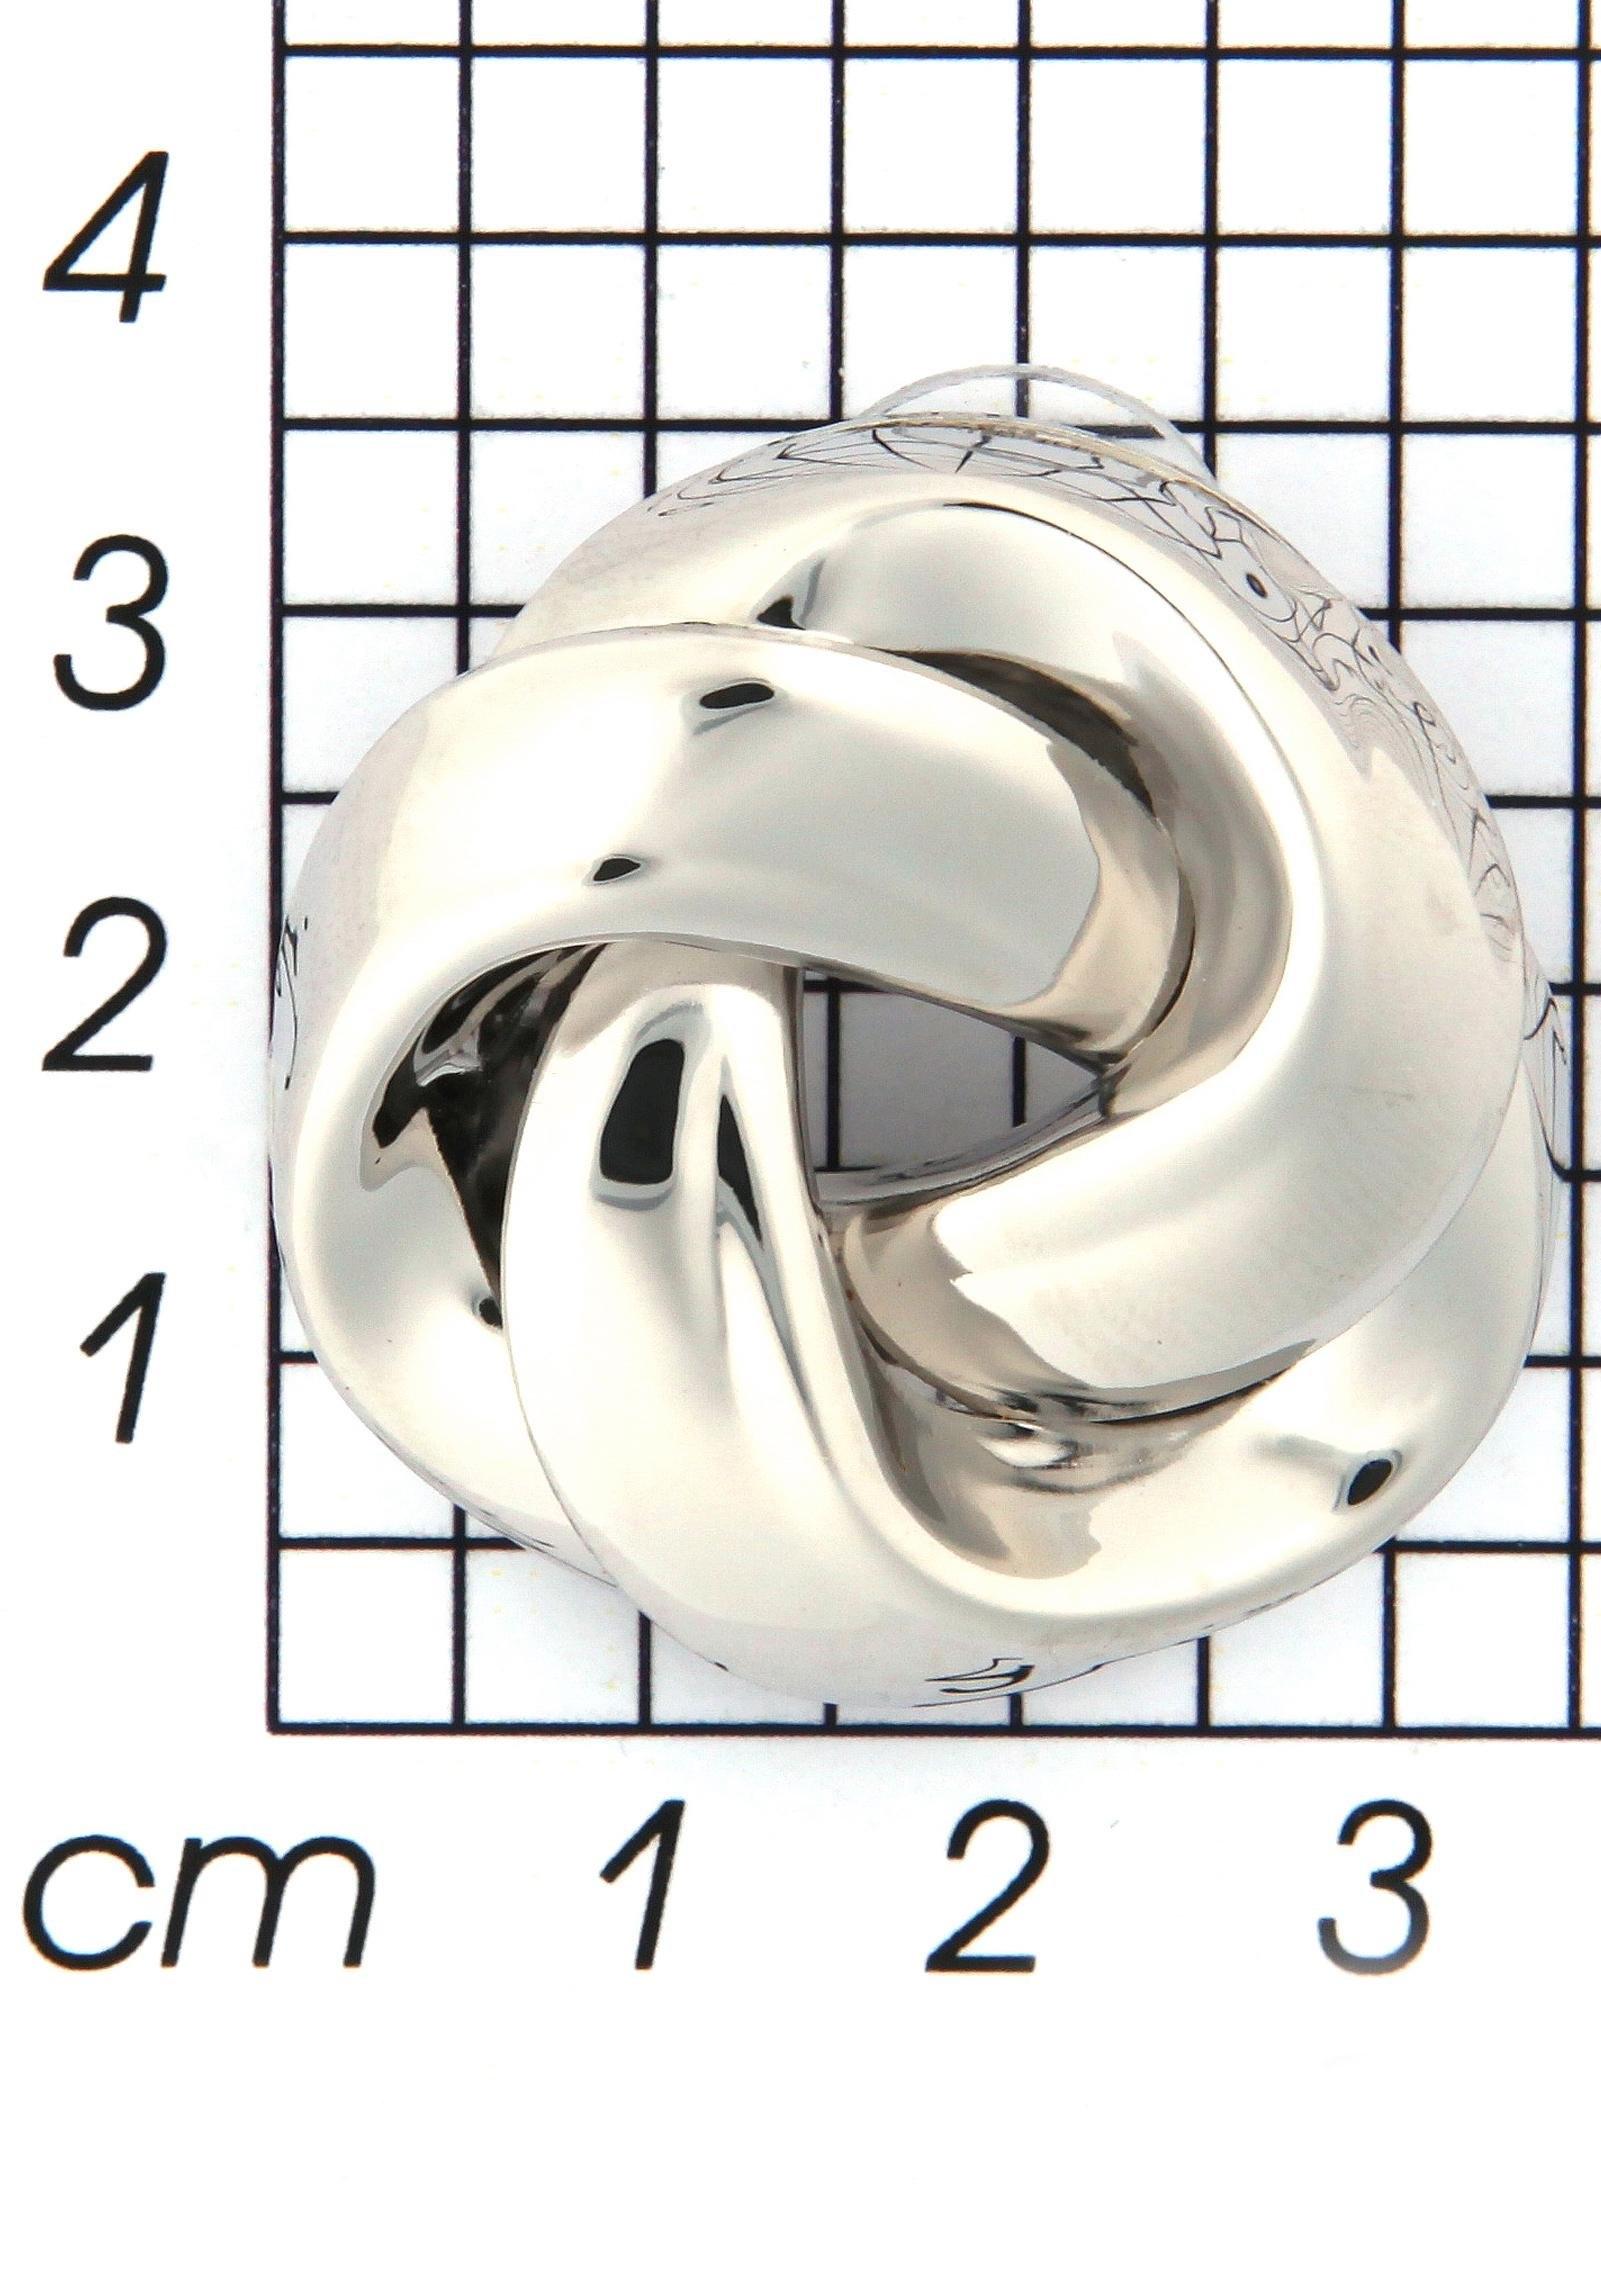 J JAYZ oorstekers »im klassischen Knoten-Design« bestellen: 30 dagen bedenktijd